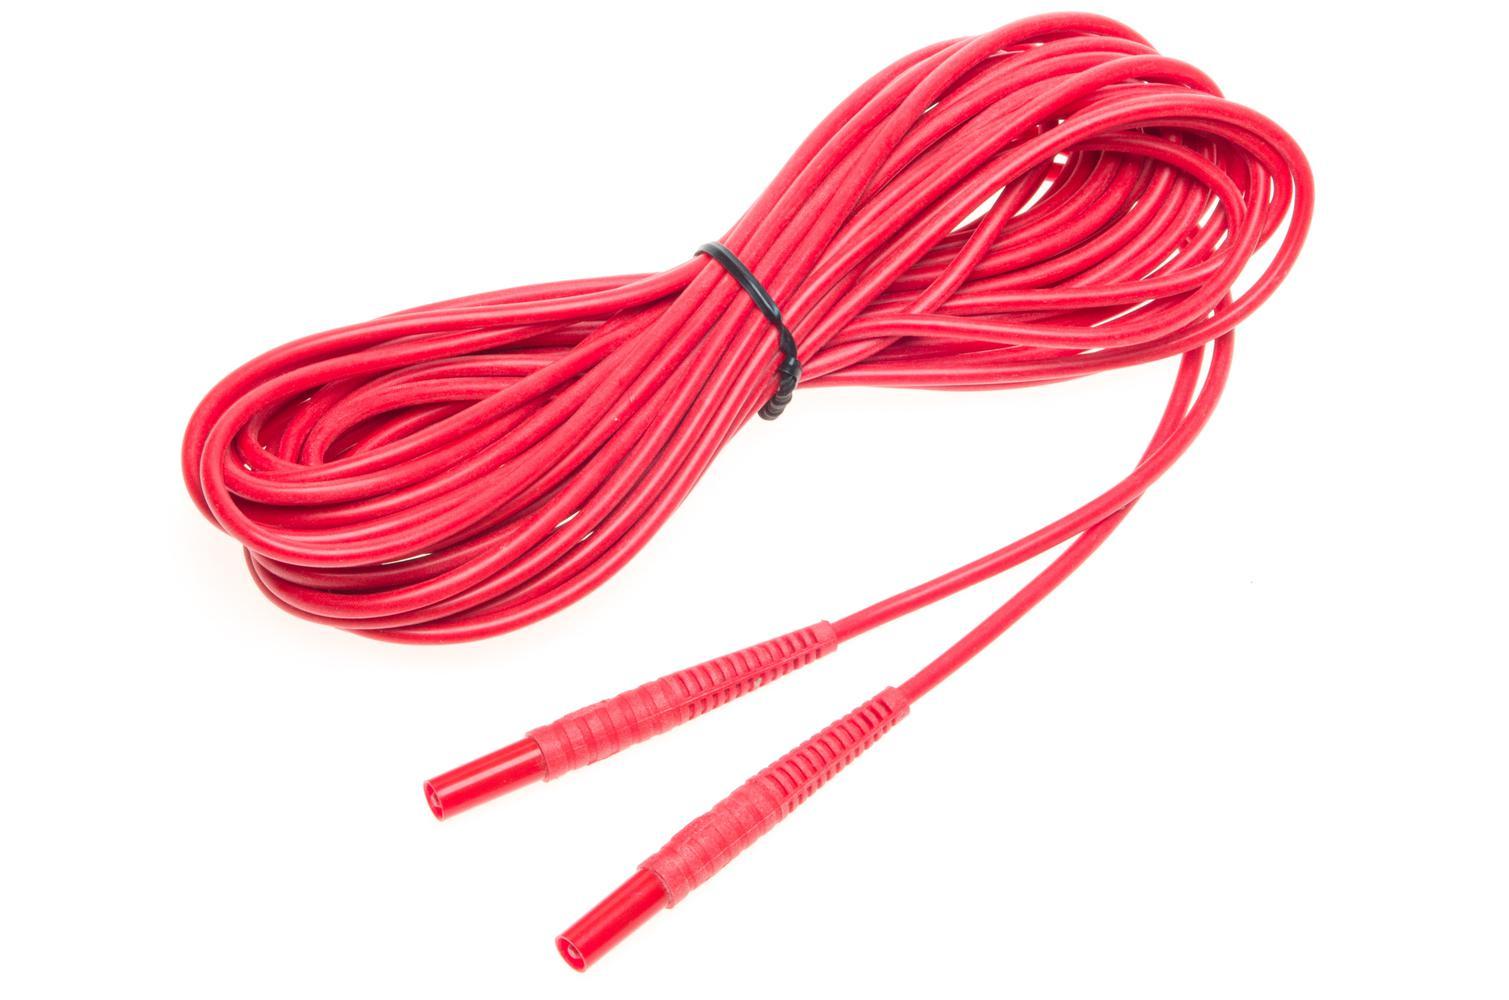 Przewód 10 m czerwony 1 kV (wtyki bananowe)